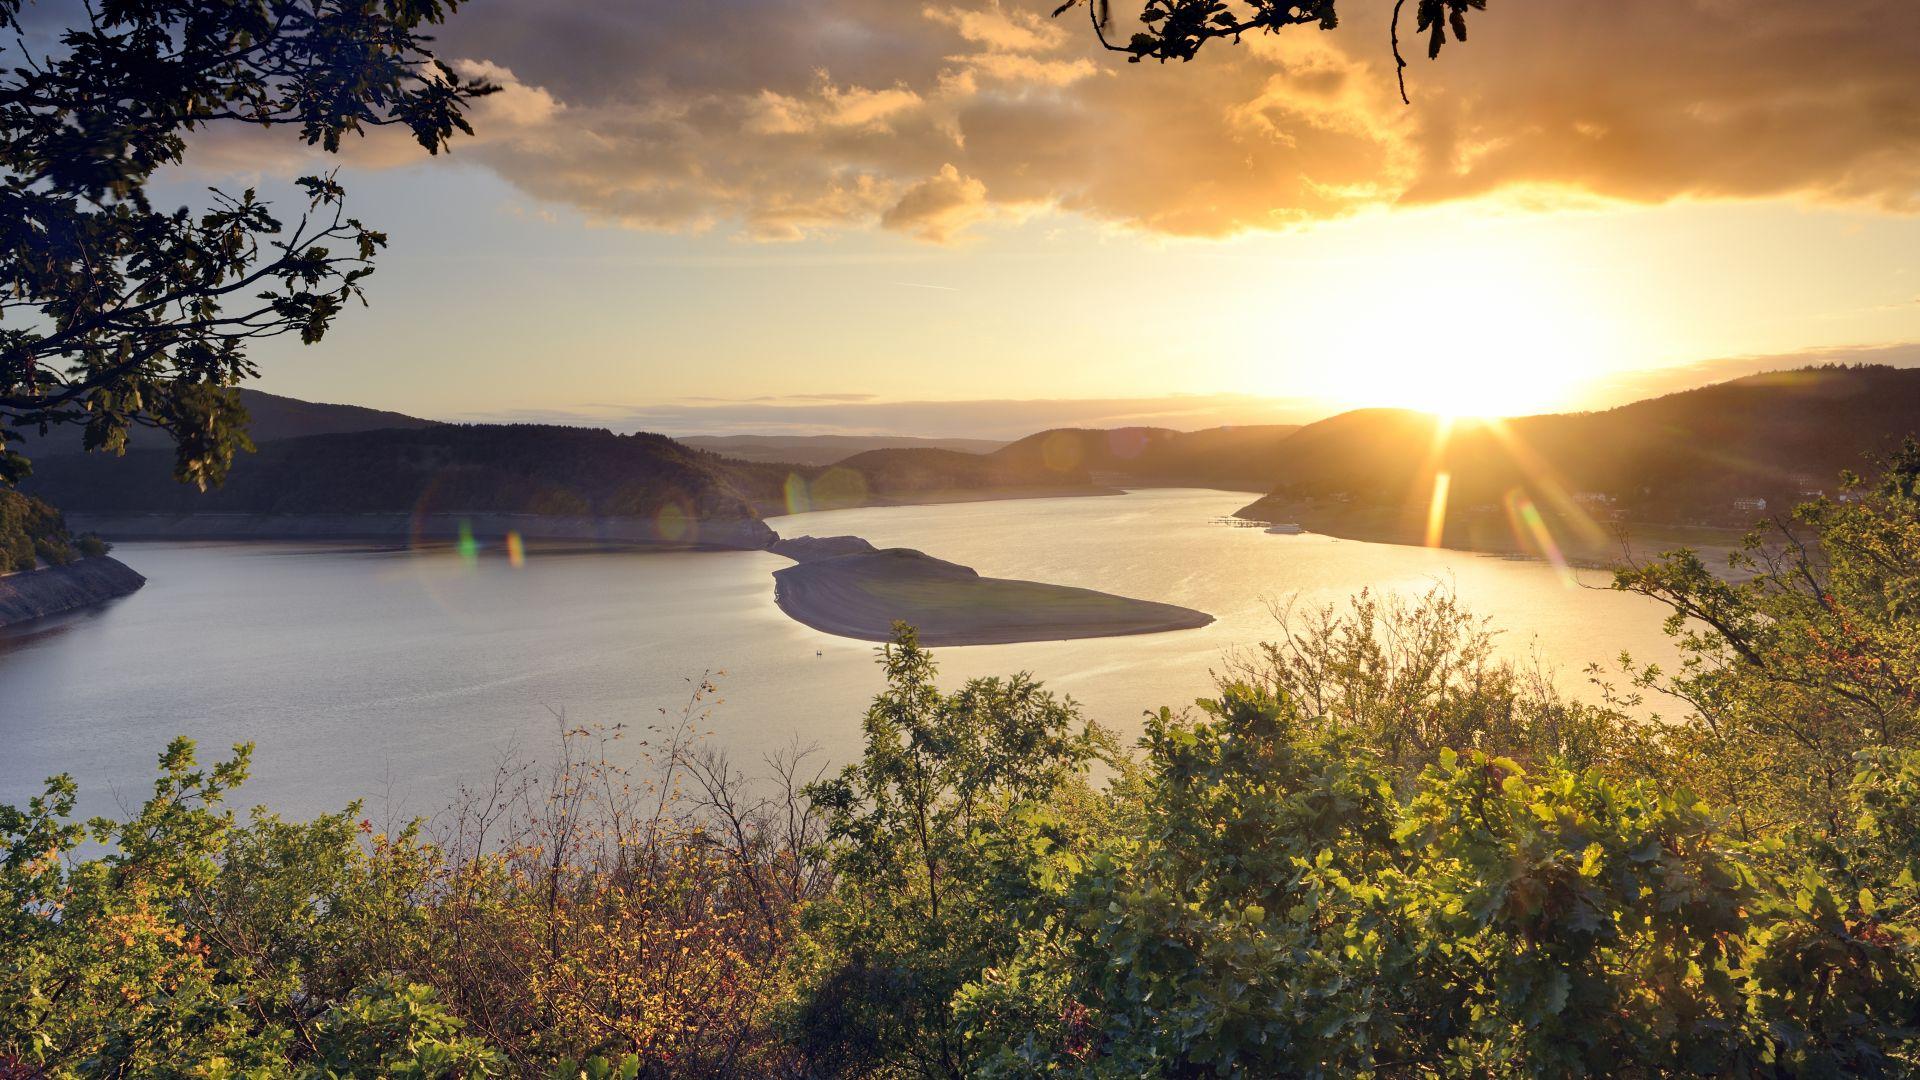 Parc national de Kellerwald-Edersee: vue sur le lac Edersee au soleil